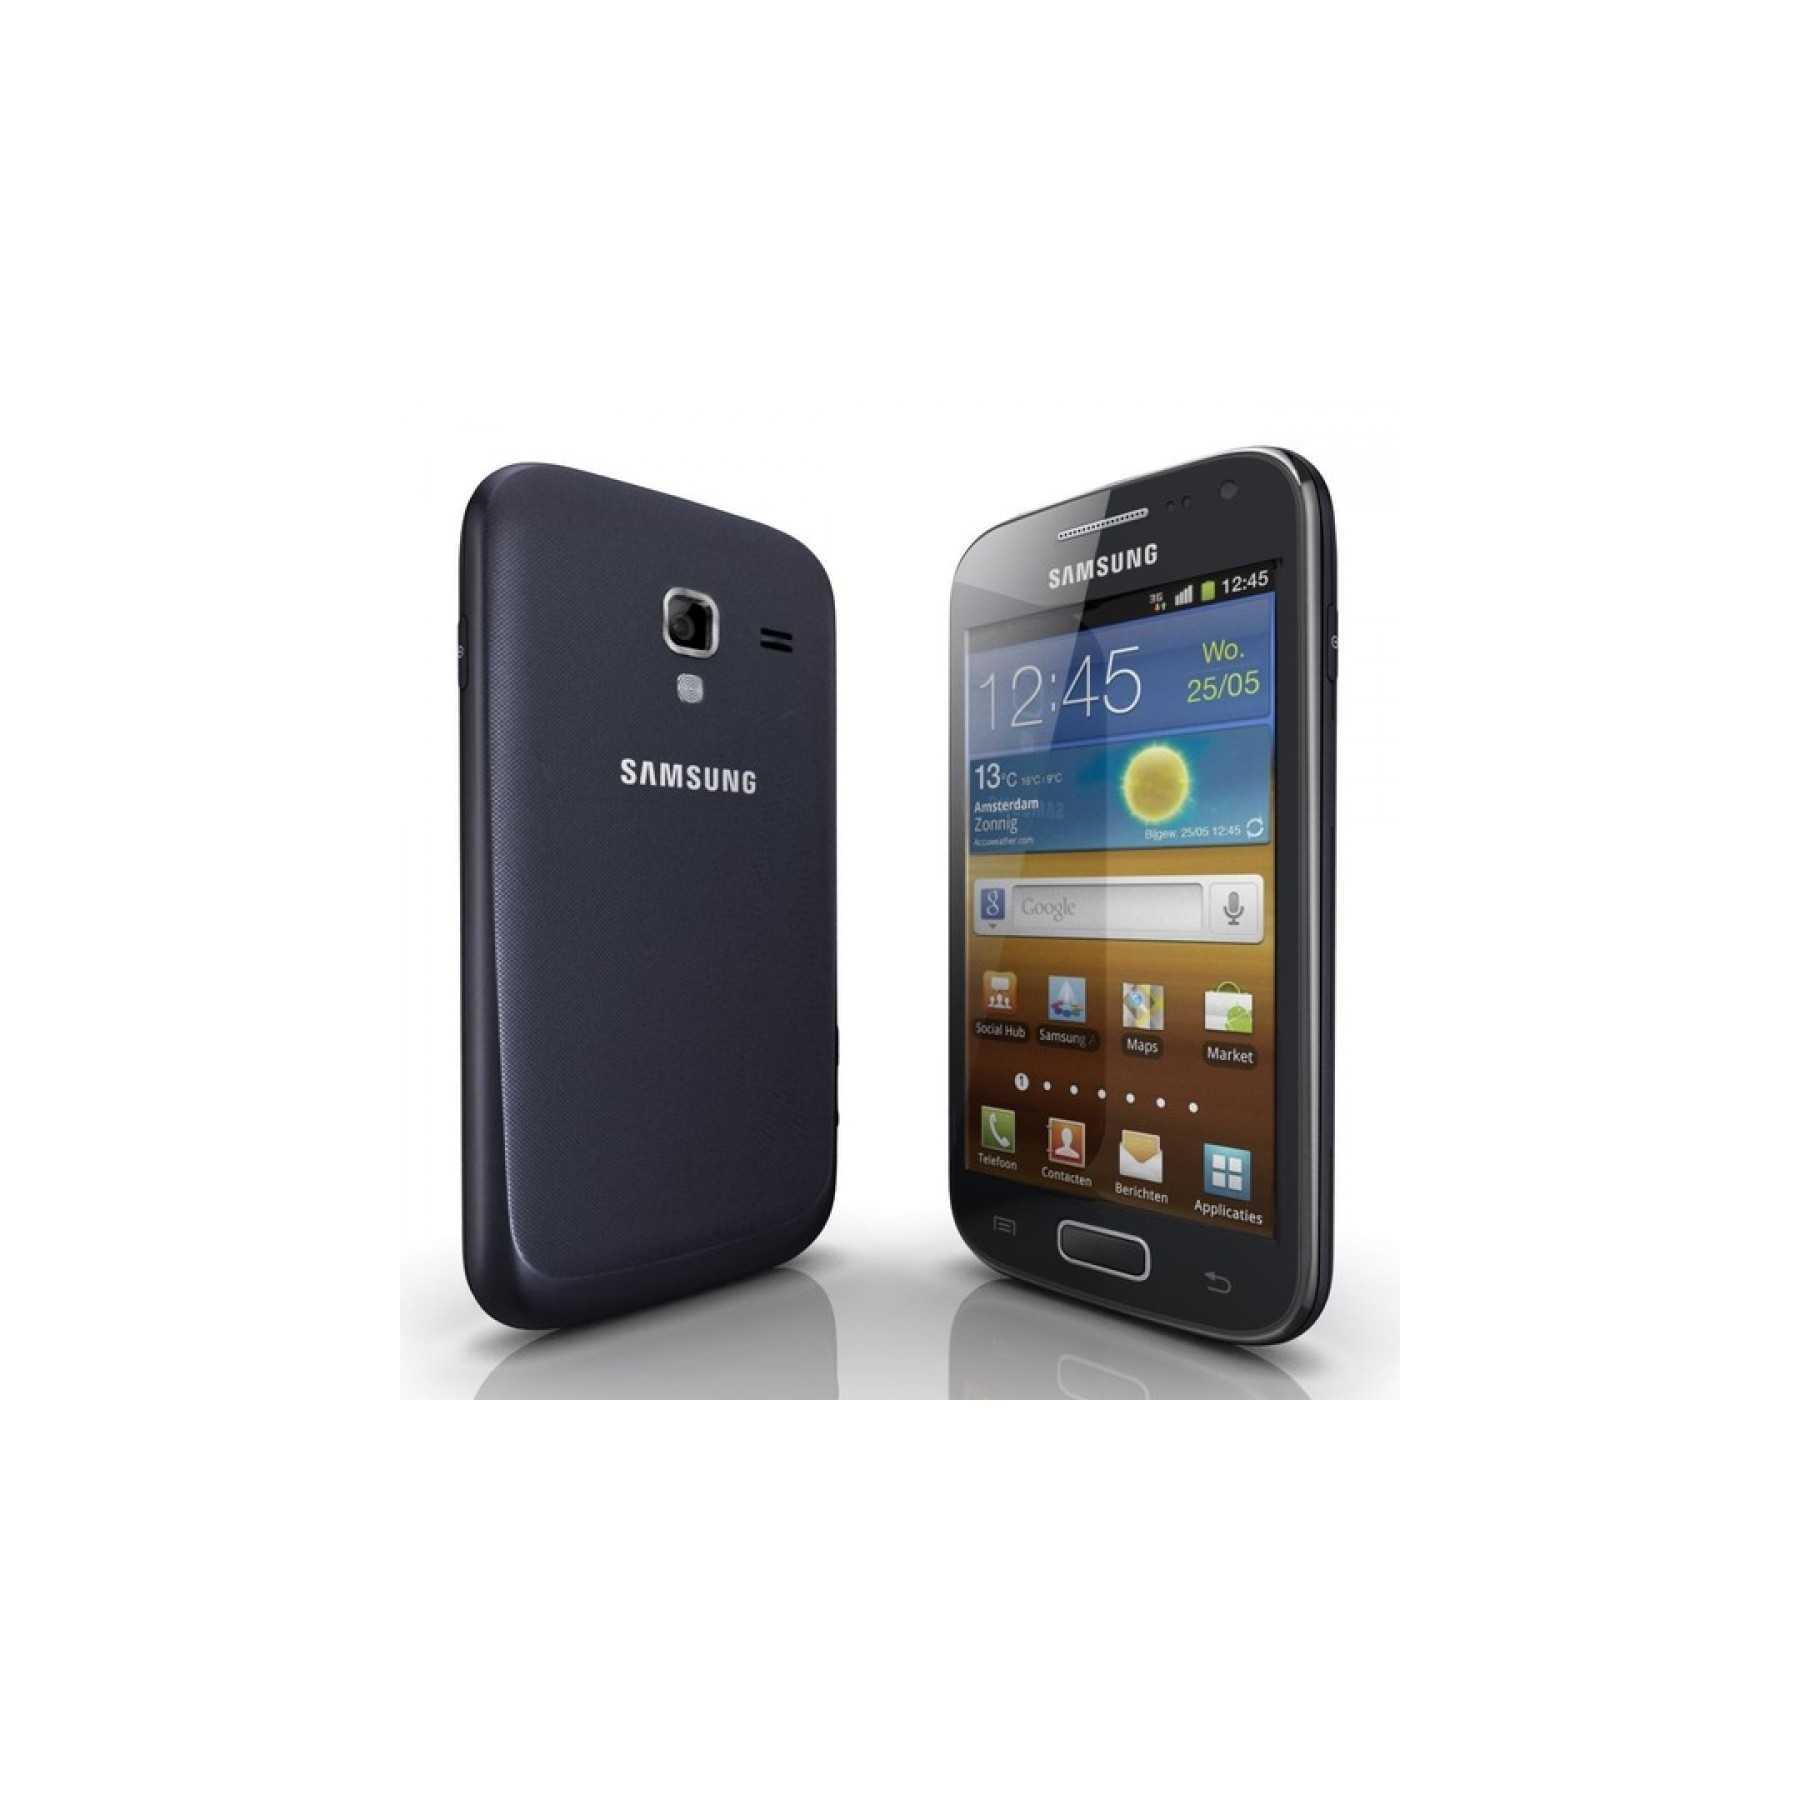 Телефон самсунг галакси айс ii gt-i8160 купить в москве